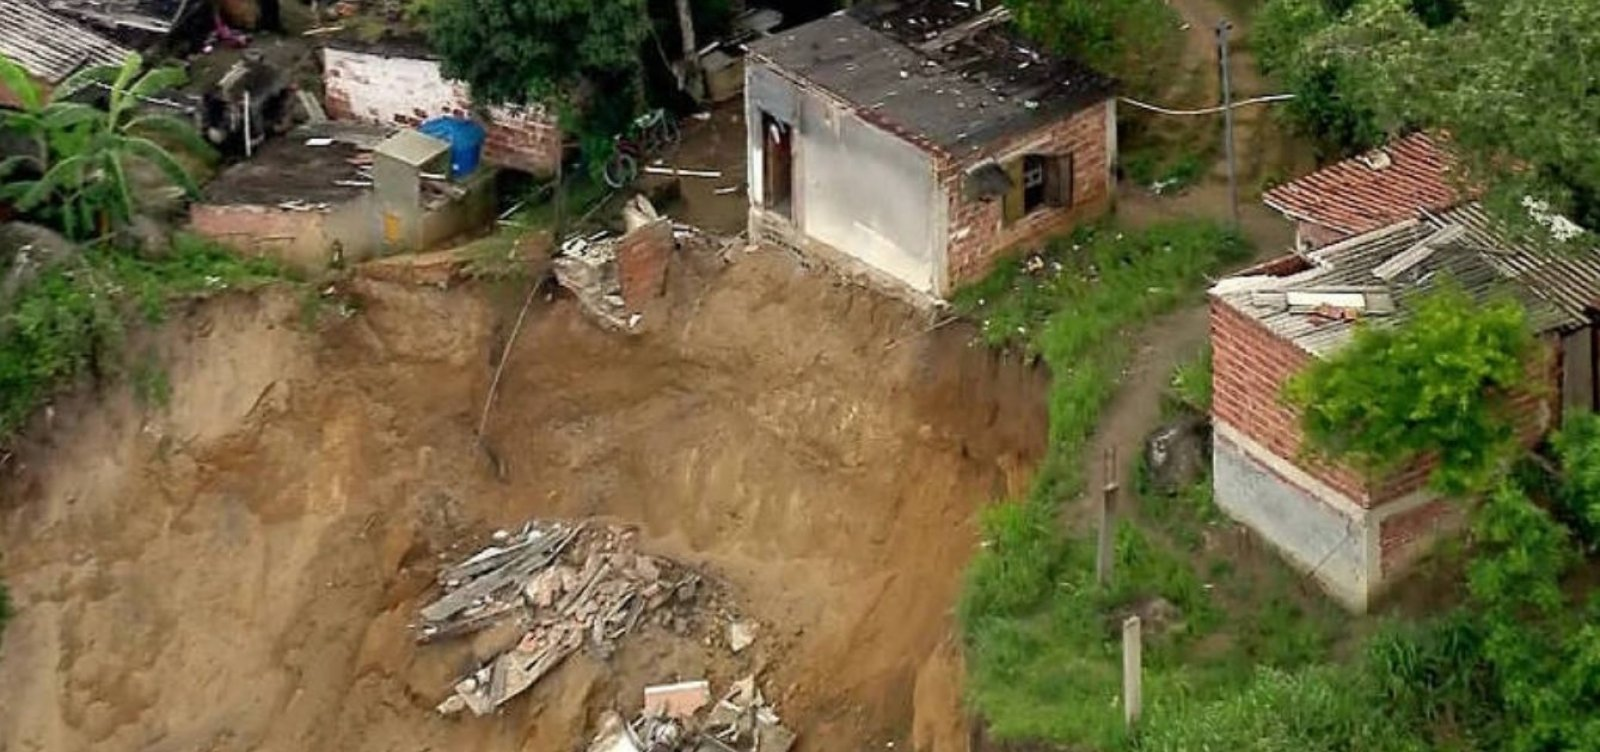 Codesal alerta para risco de deslizamento de terra, mesmo sem chuvas nos próximos dias em Salvador